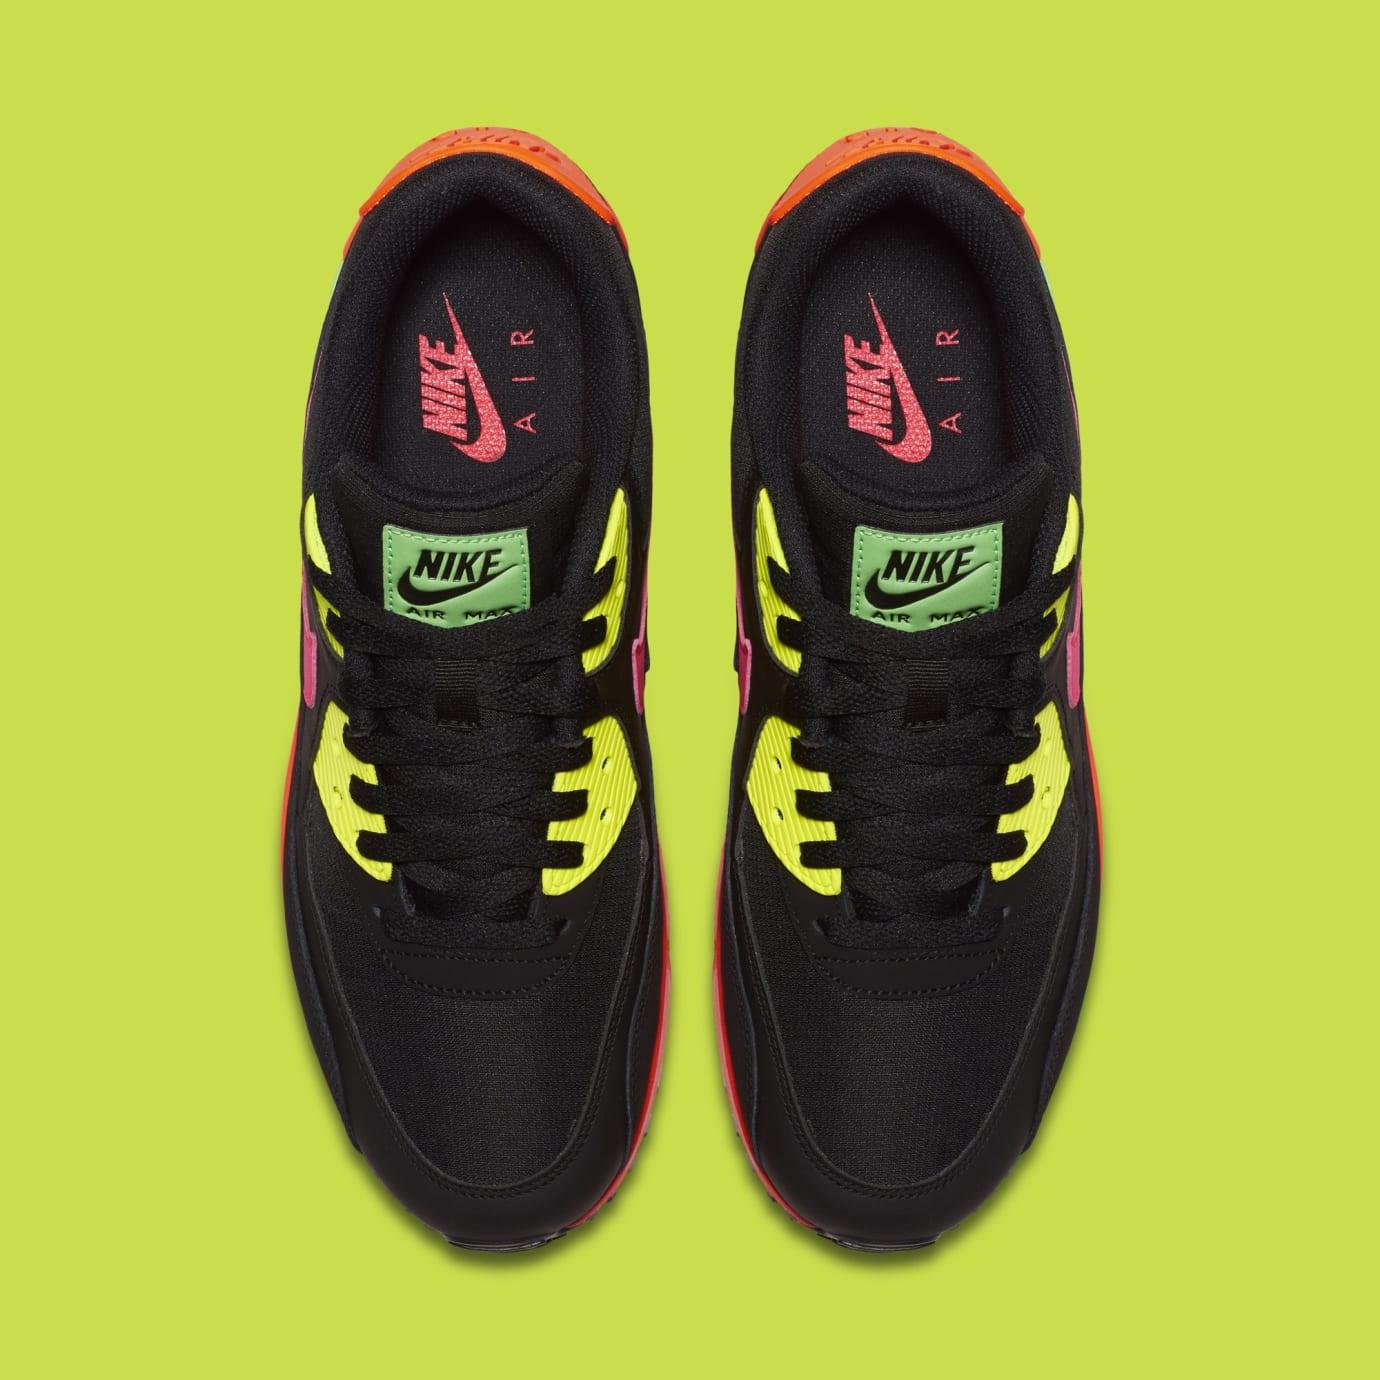 Nike Air Max 90 'Tokyo Neon' CI2290-064 (Top)